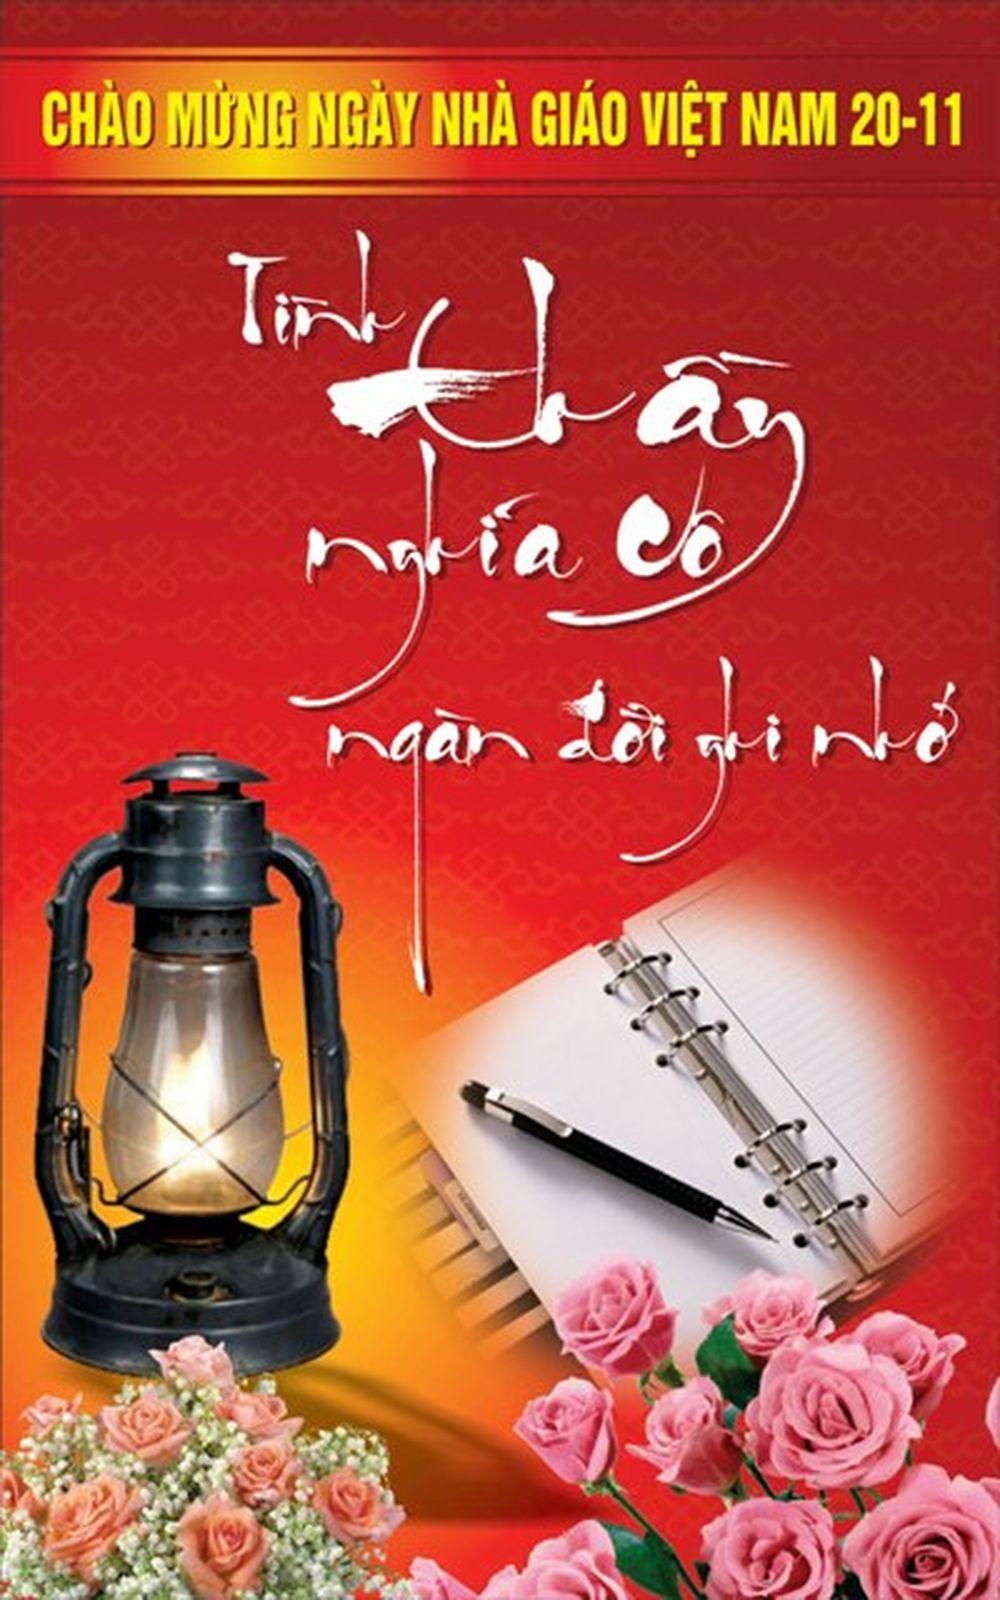 Thiệp đẹp ngày Nhà giáo Việt Nam 20/11.